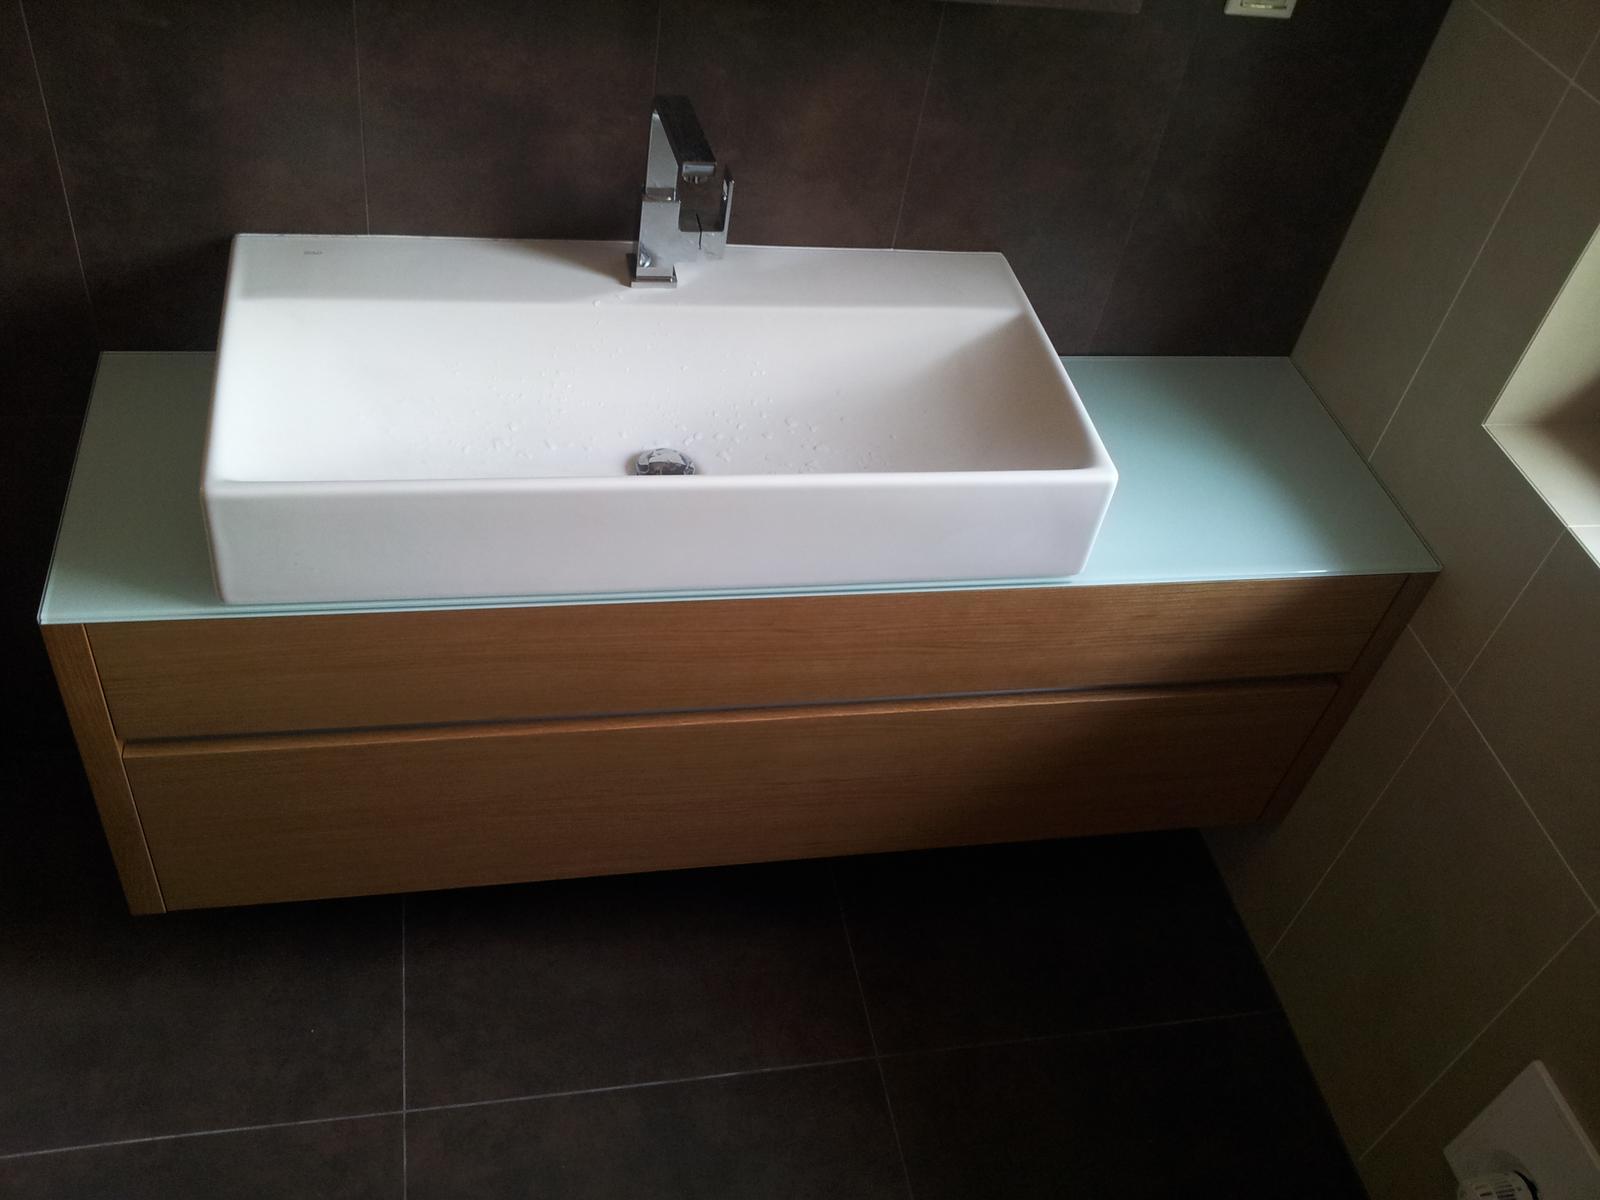 Dizajn a výroba nábytku na mieru Cubica - Dubová kúpeľňová skrinka - vrchná doska bezpečnostné sklo - dizajn a výroba cubica